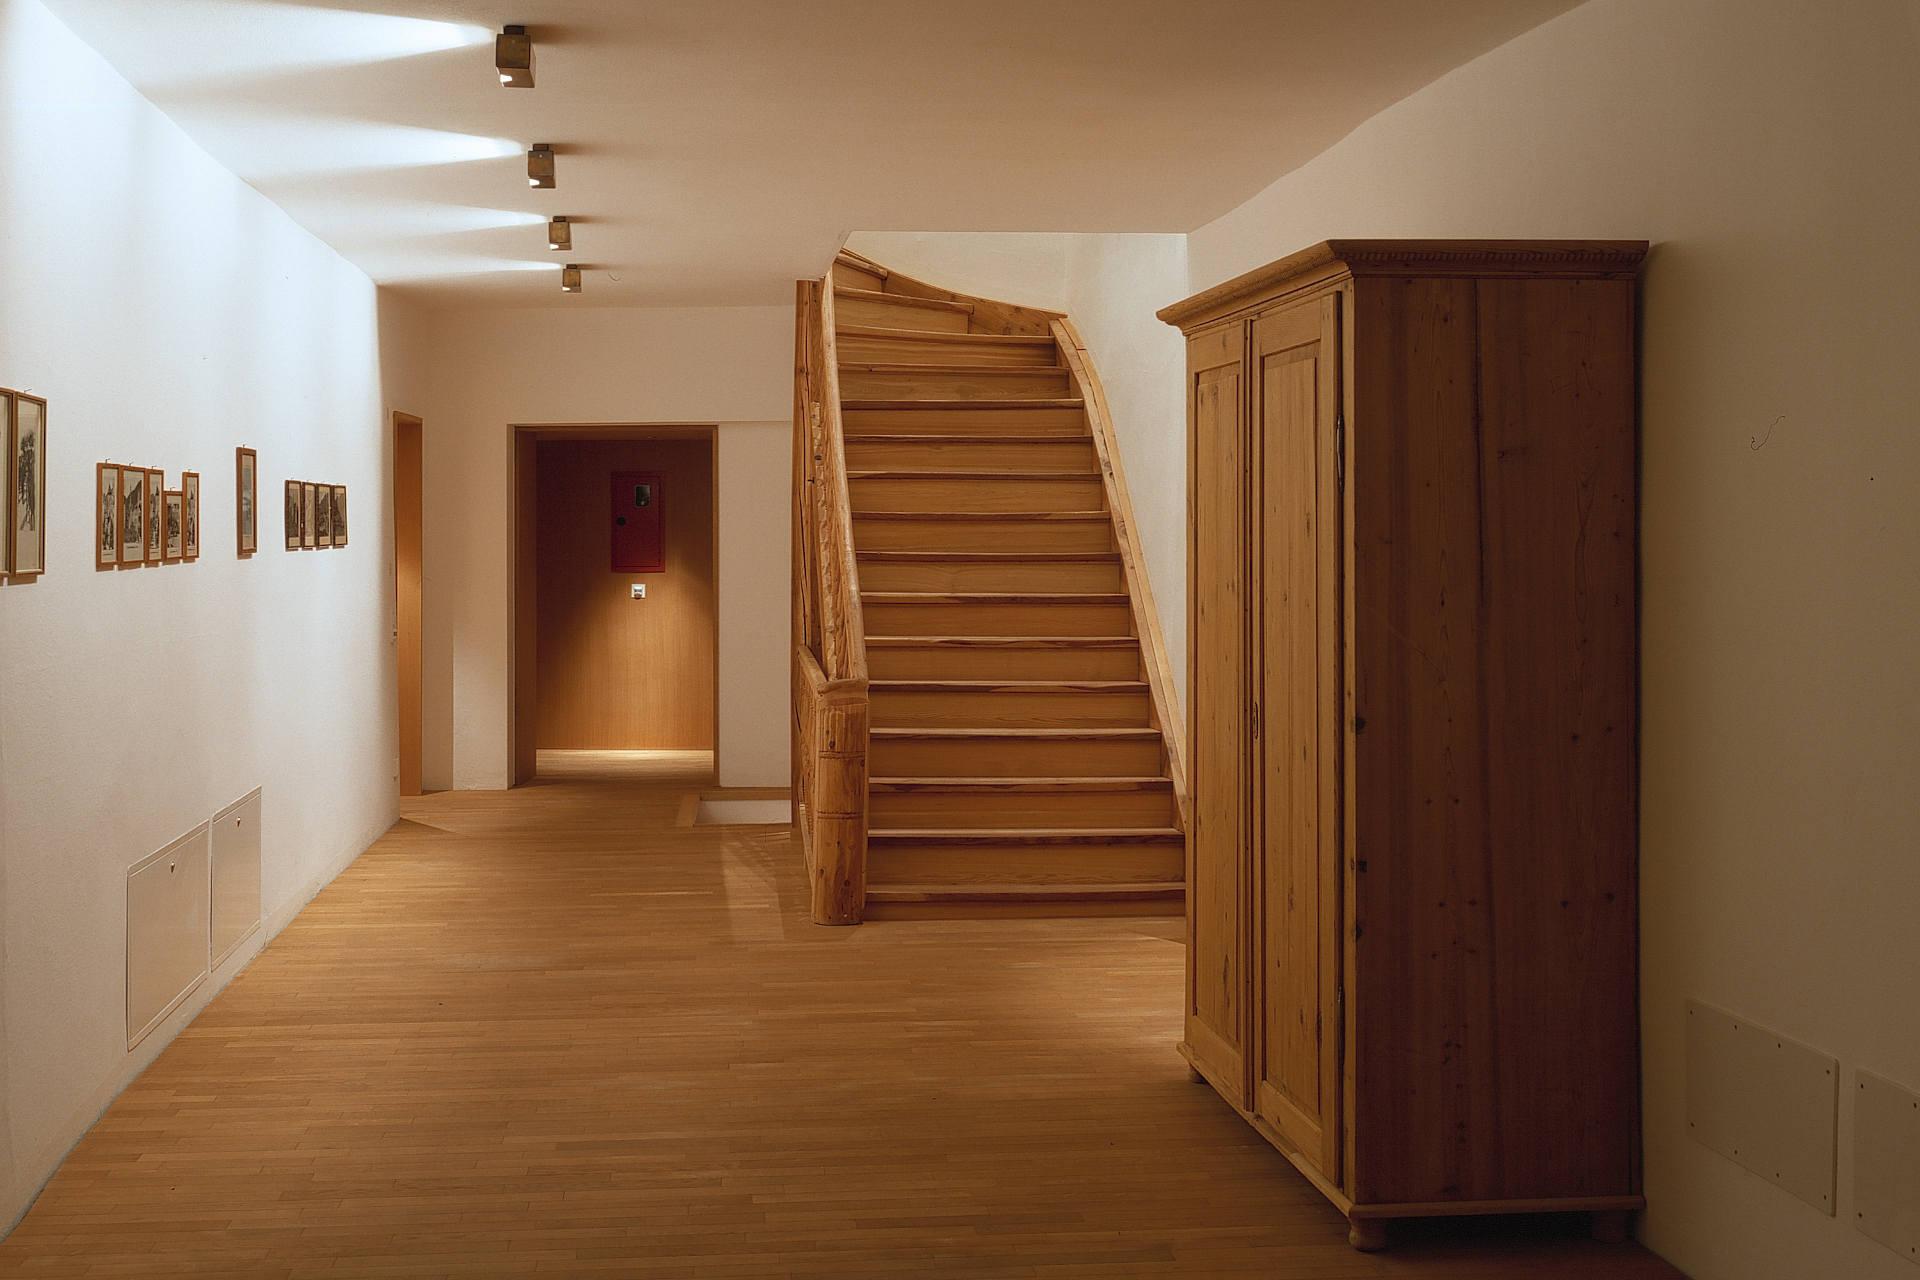 Grüner Baum Historischer Gasthof Galerie